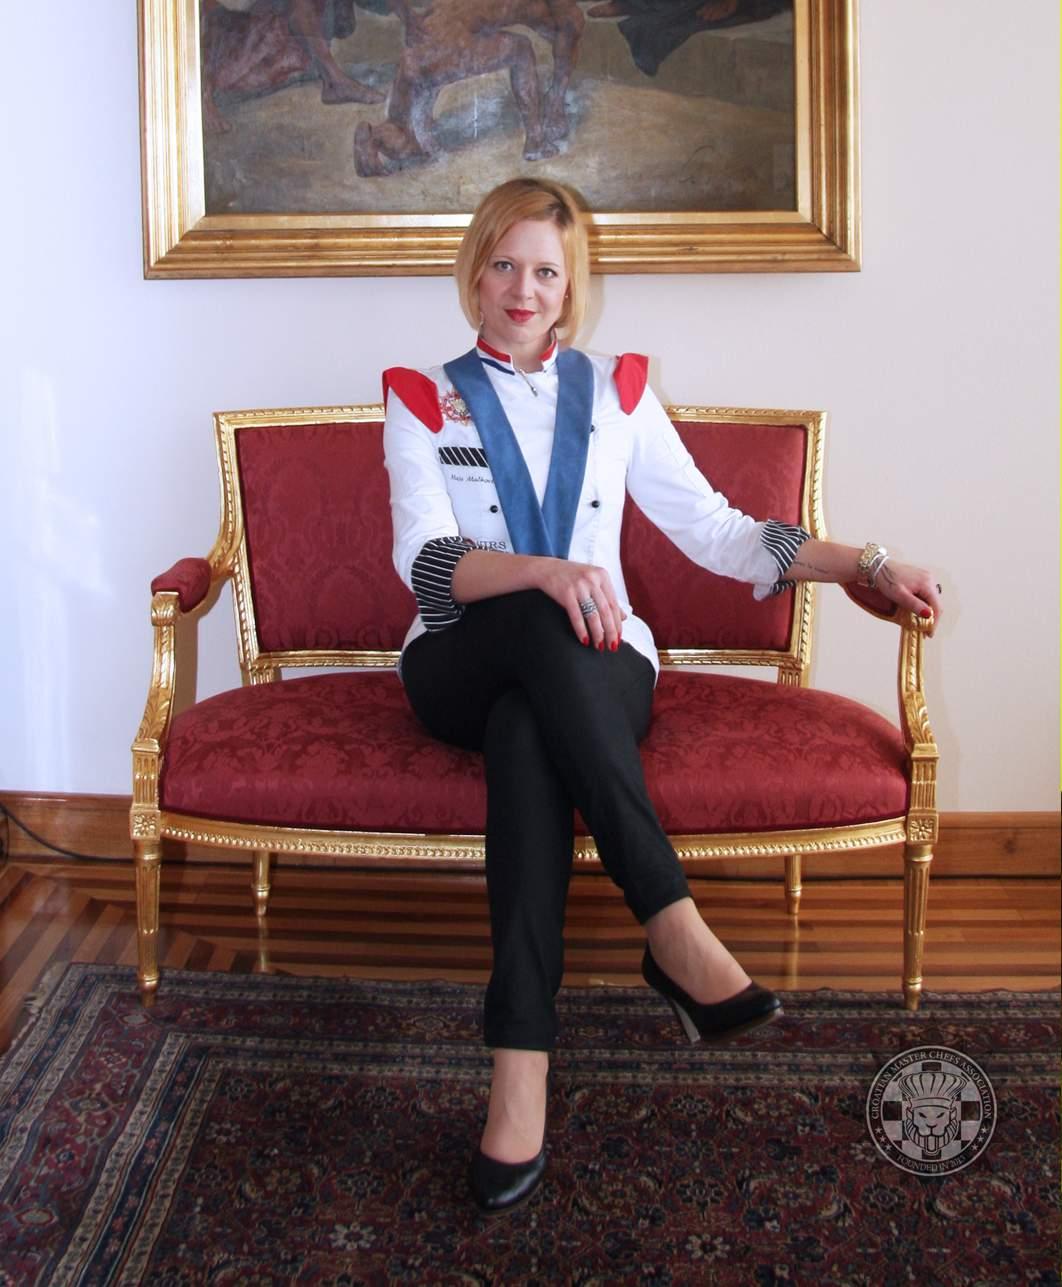 Foto: Tomislav Mačković